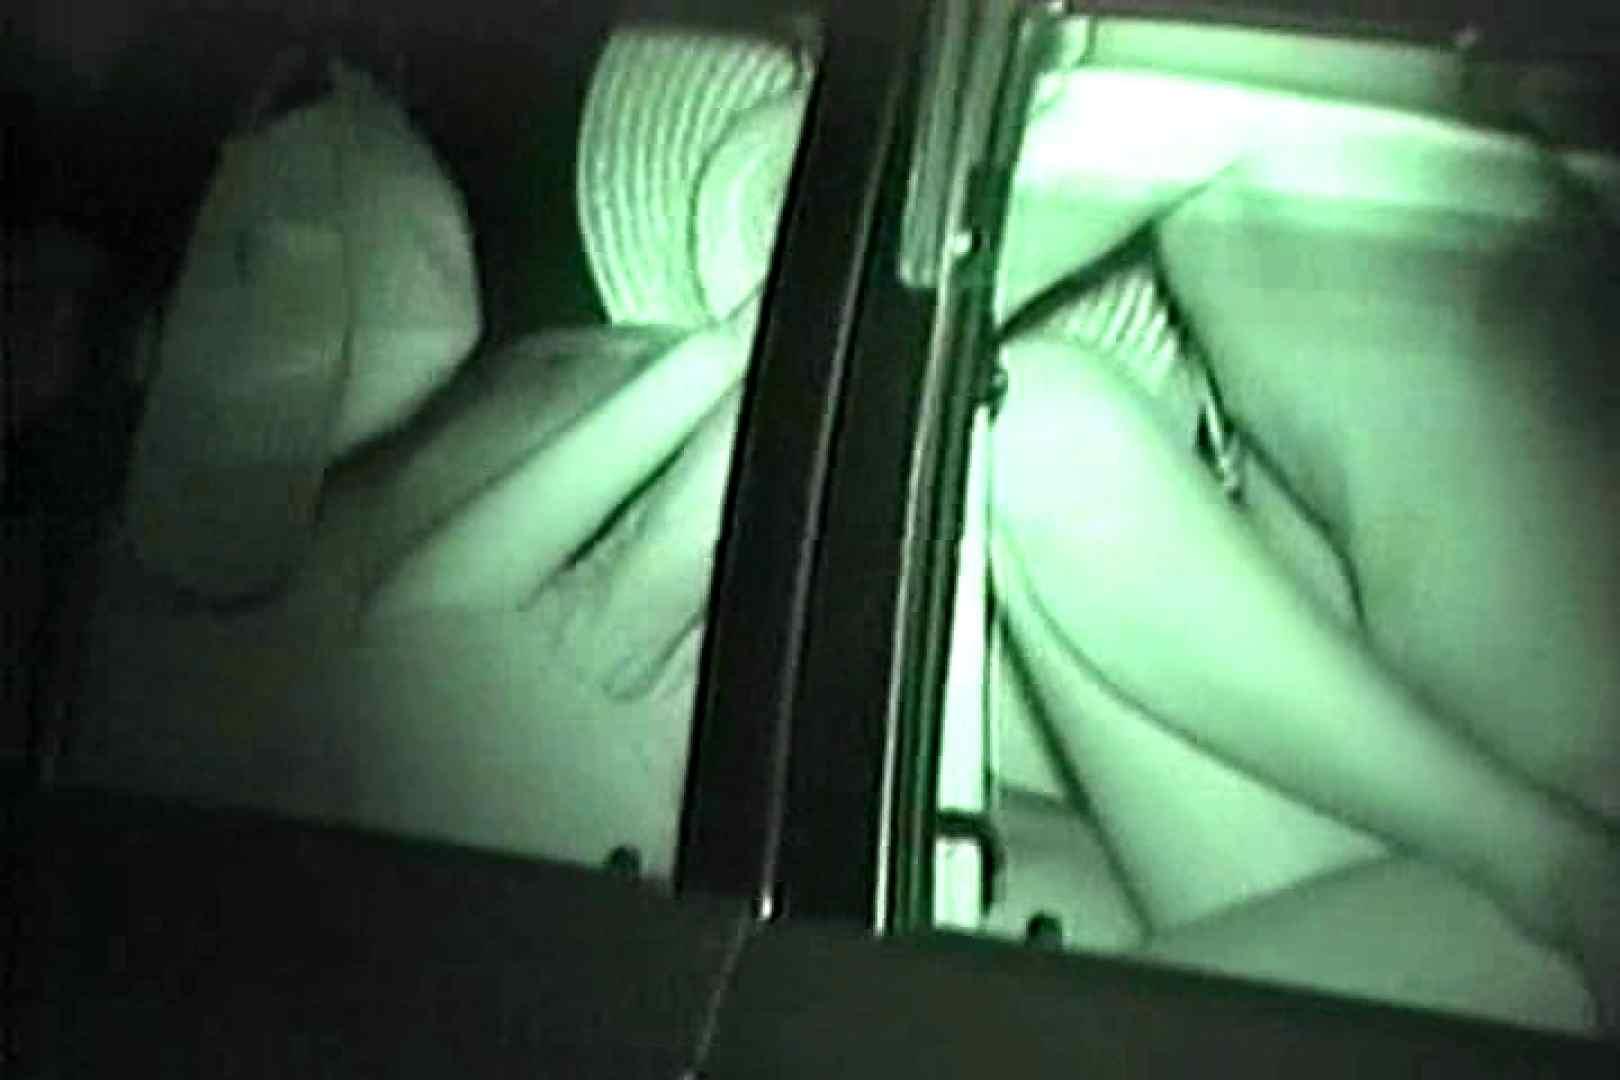 車の中はラブホテル 無修正版  Vol.9 望遠 盗撮ヌード画像 58pic 34